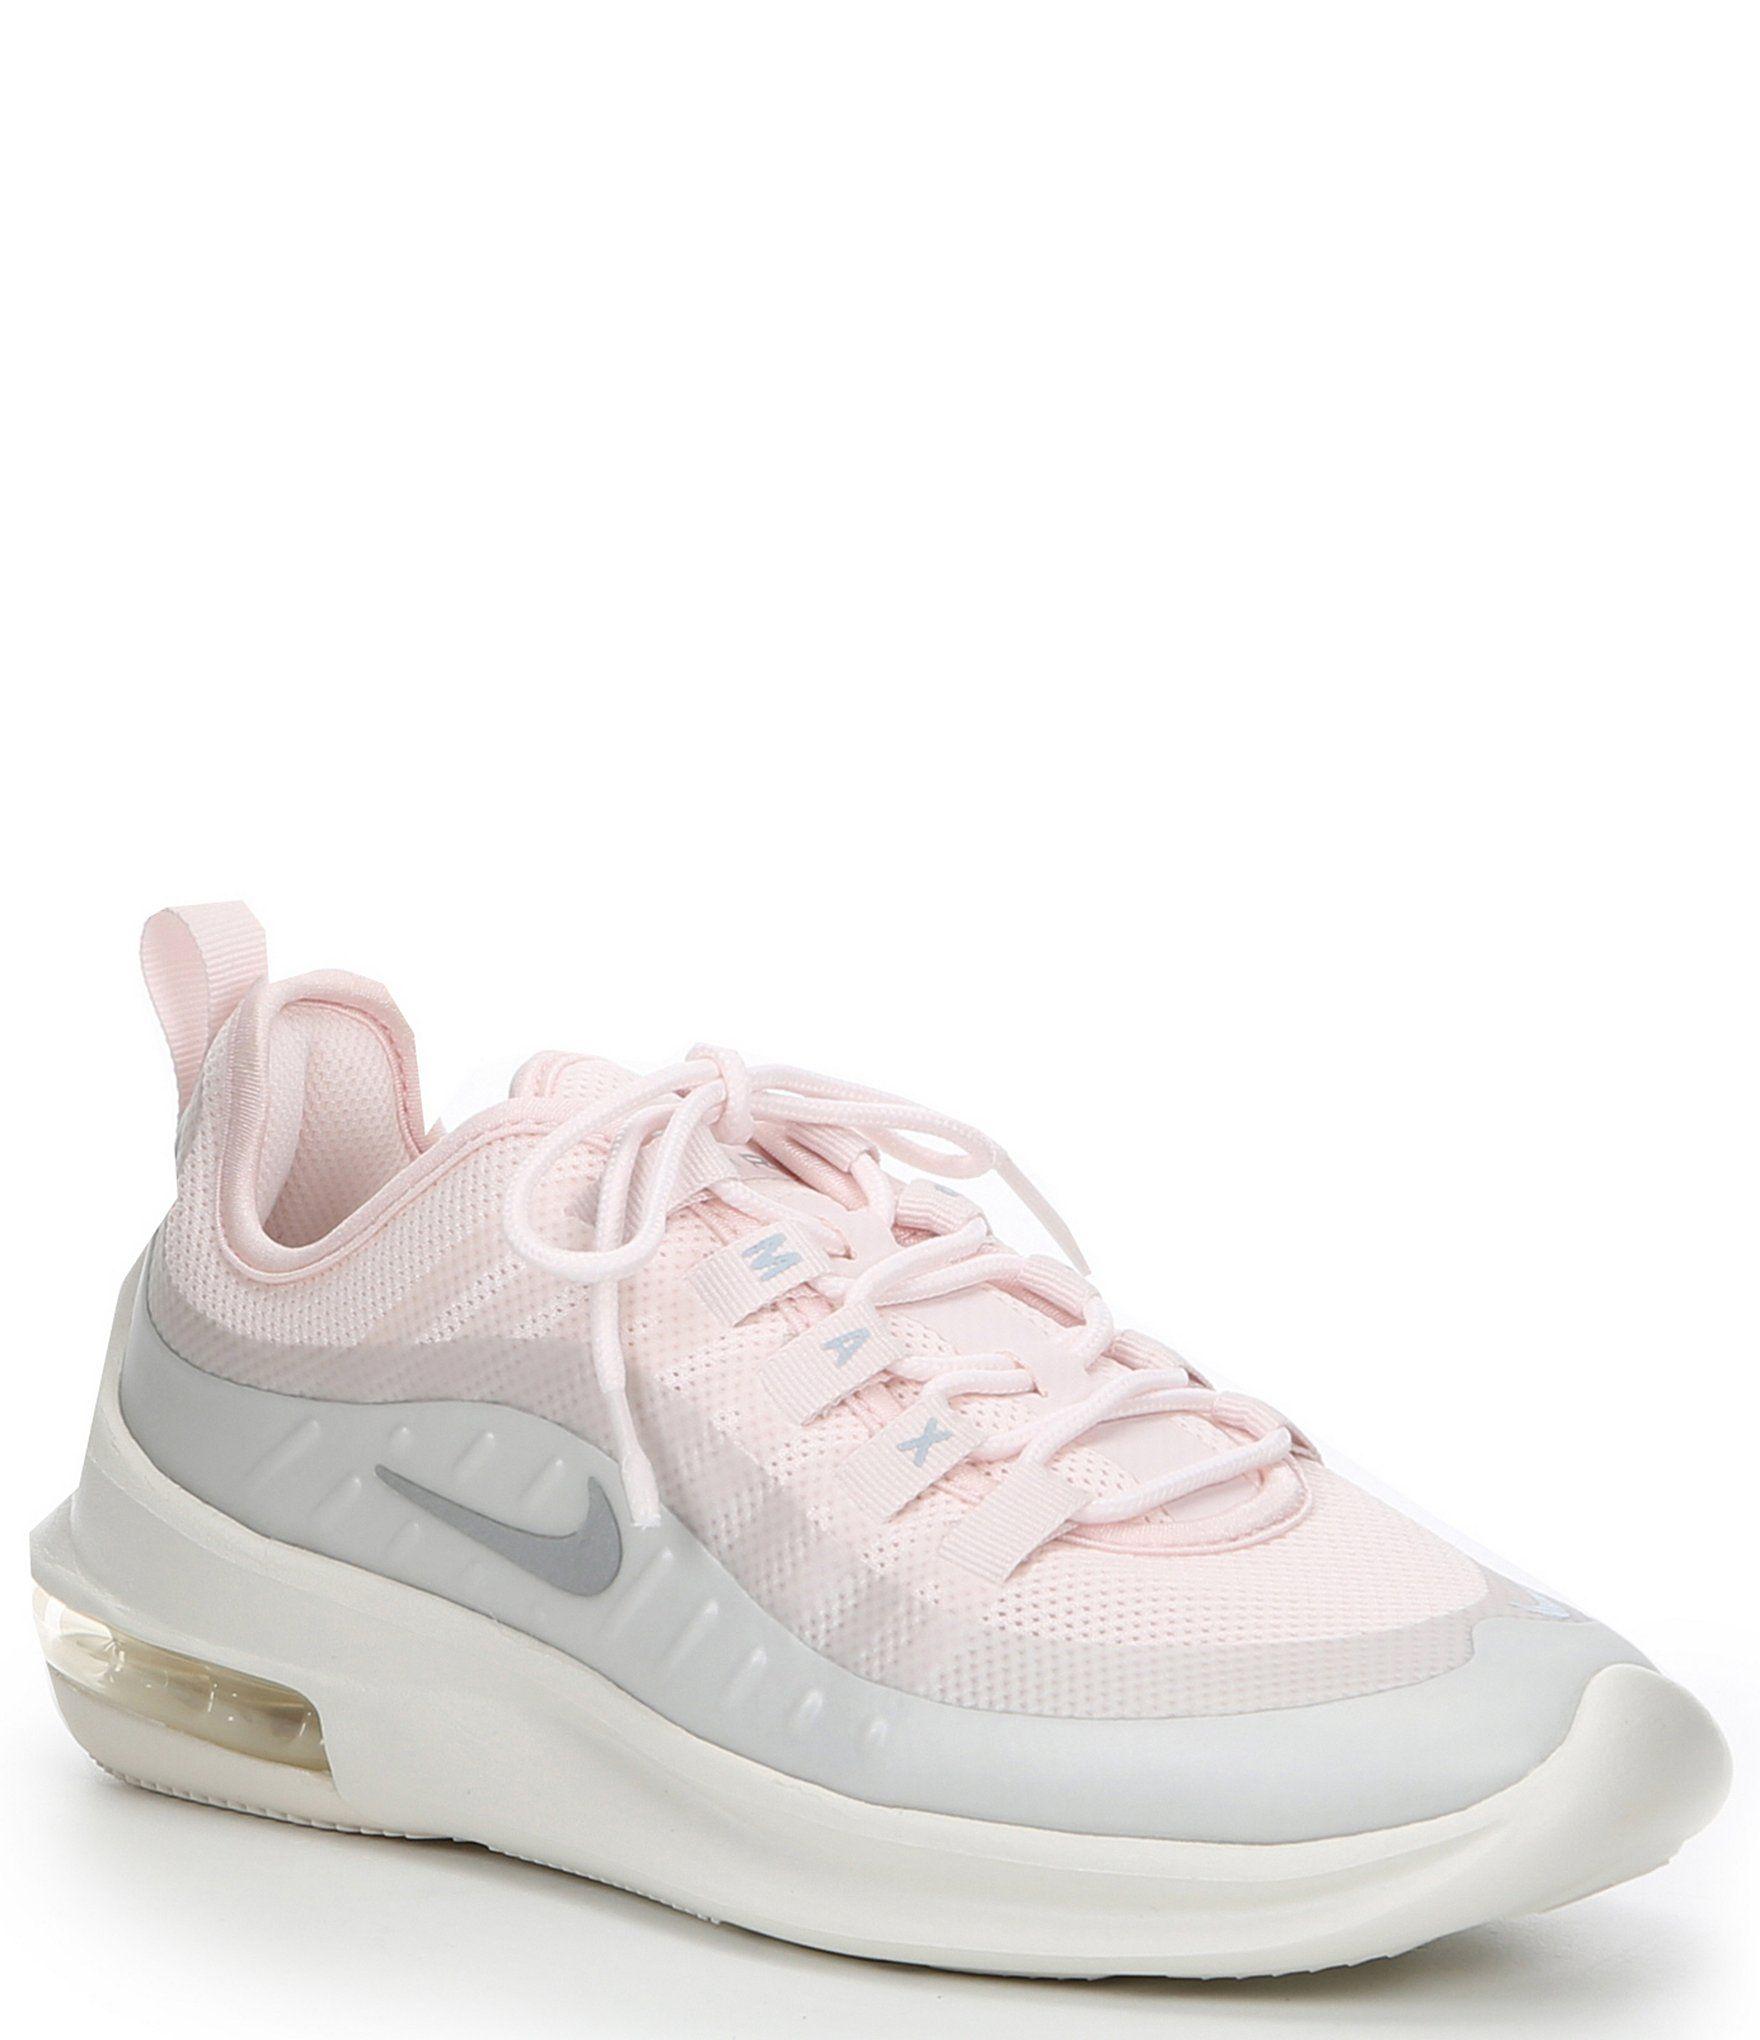 Nike Women's Air Max Axis Lifestyle Shoe Photon DustWhite